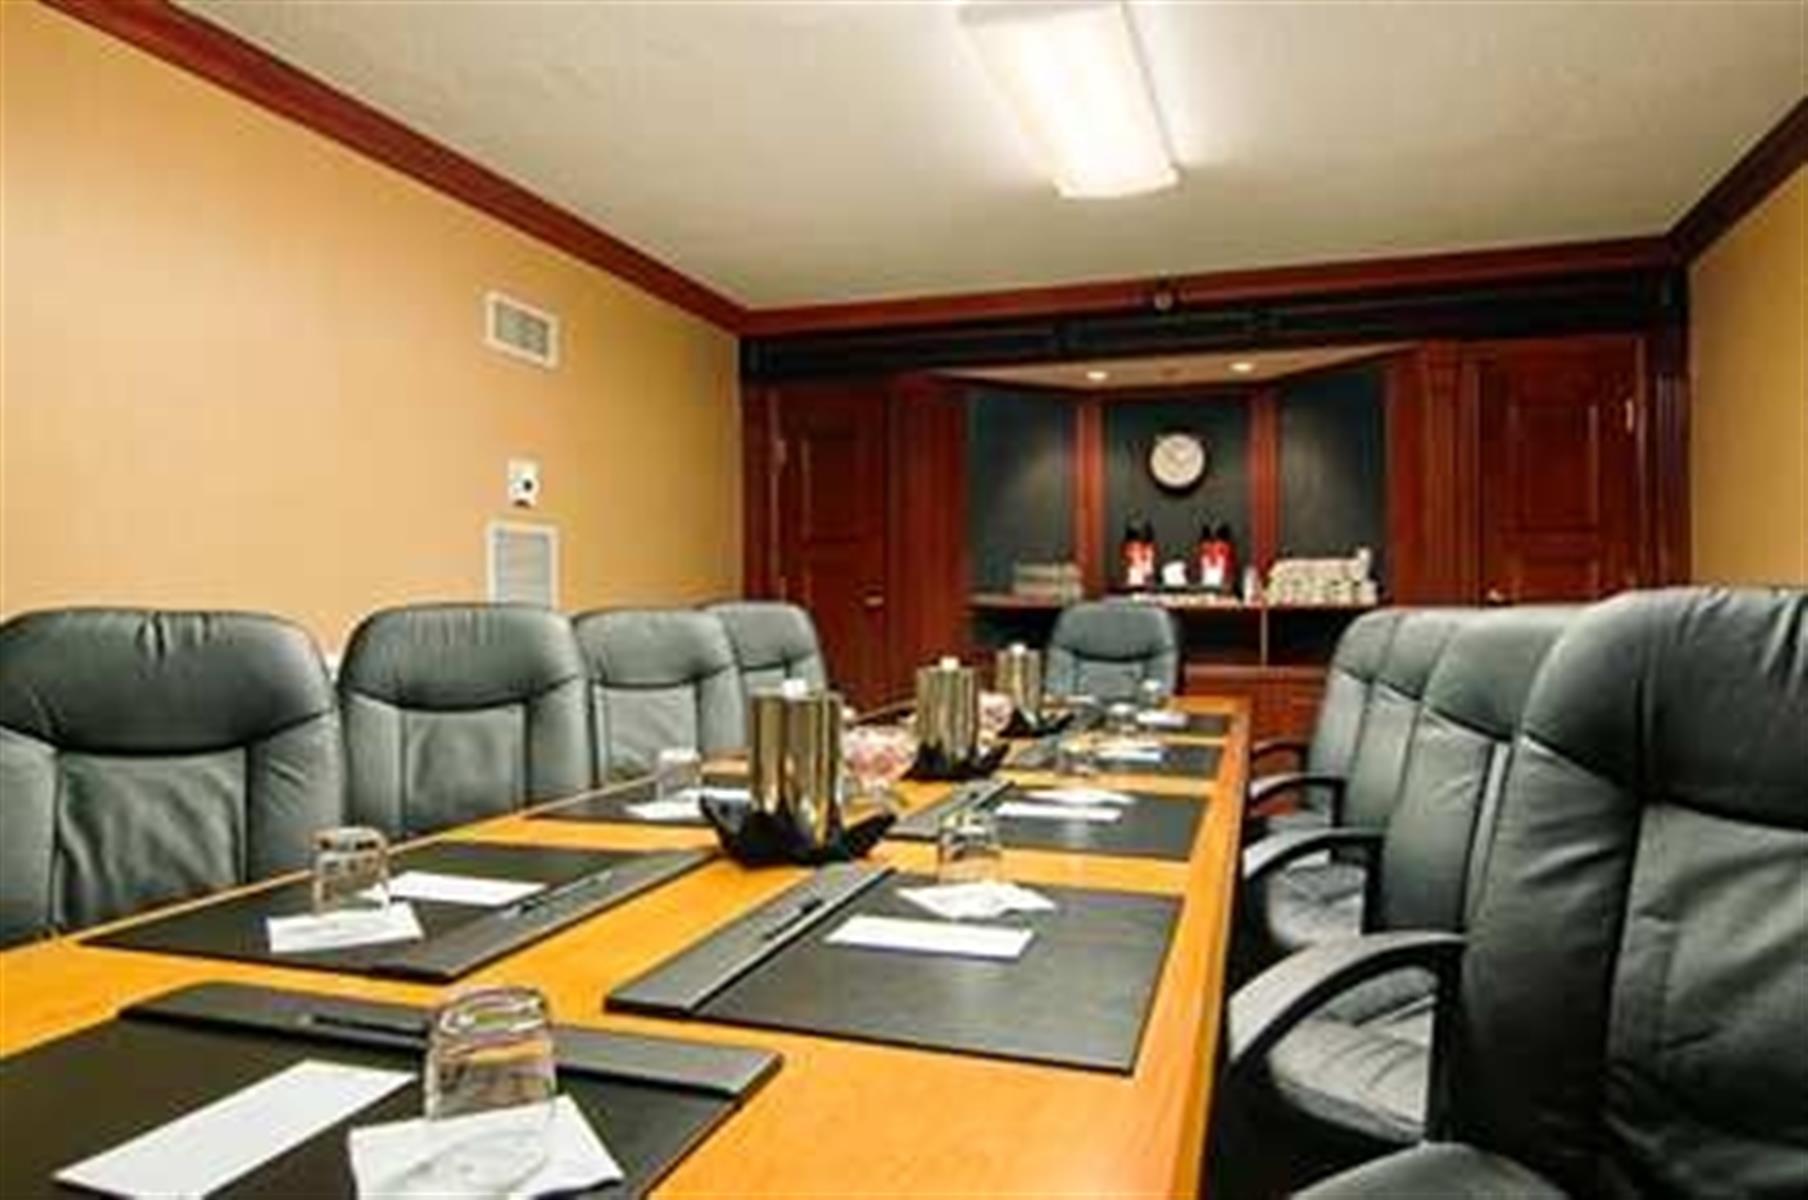 Hilton Brentwood/Nashville Suites - Conference Suite 419